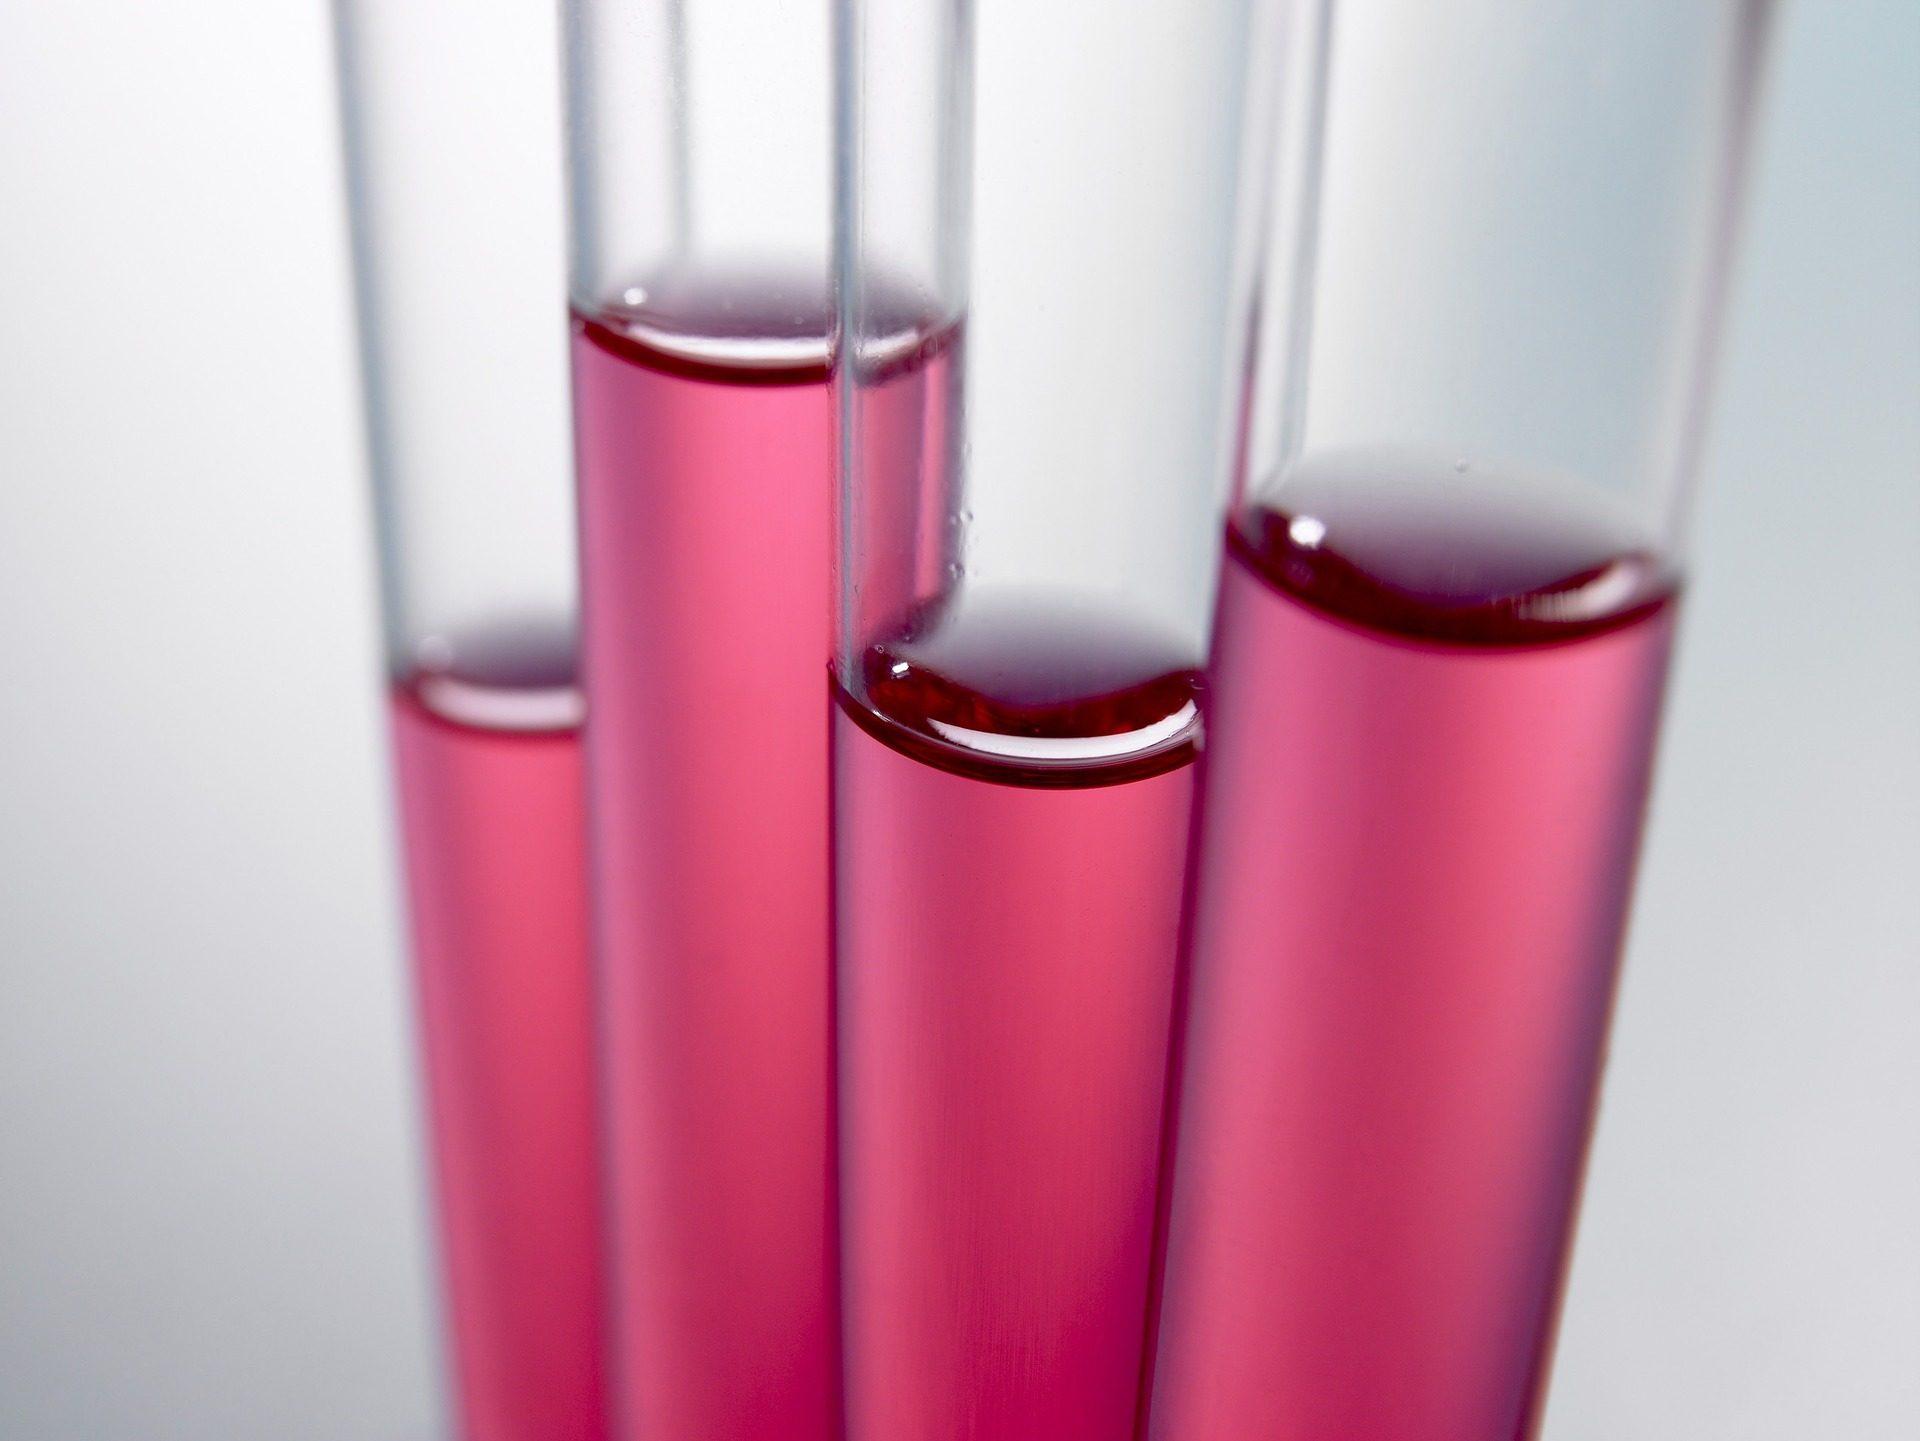 σωλήνες, δοκιμαστική έκδοση, γυαλί, Κρύσταλλο, υγρό, química - Wallpapers HD - Professor-falken.com